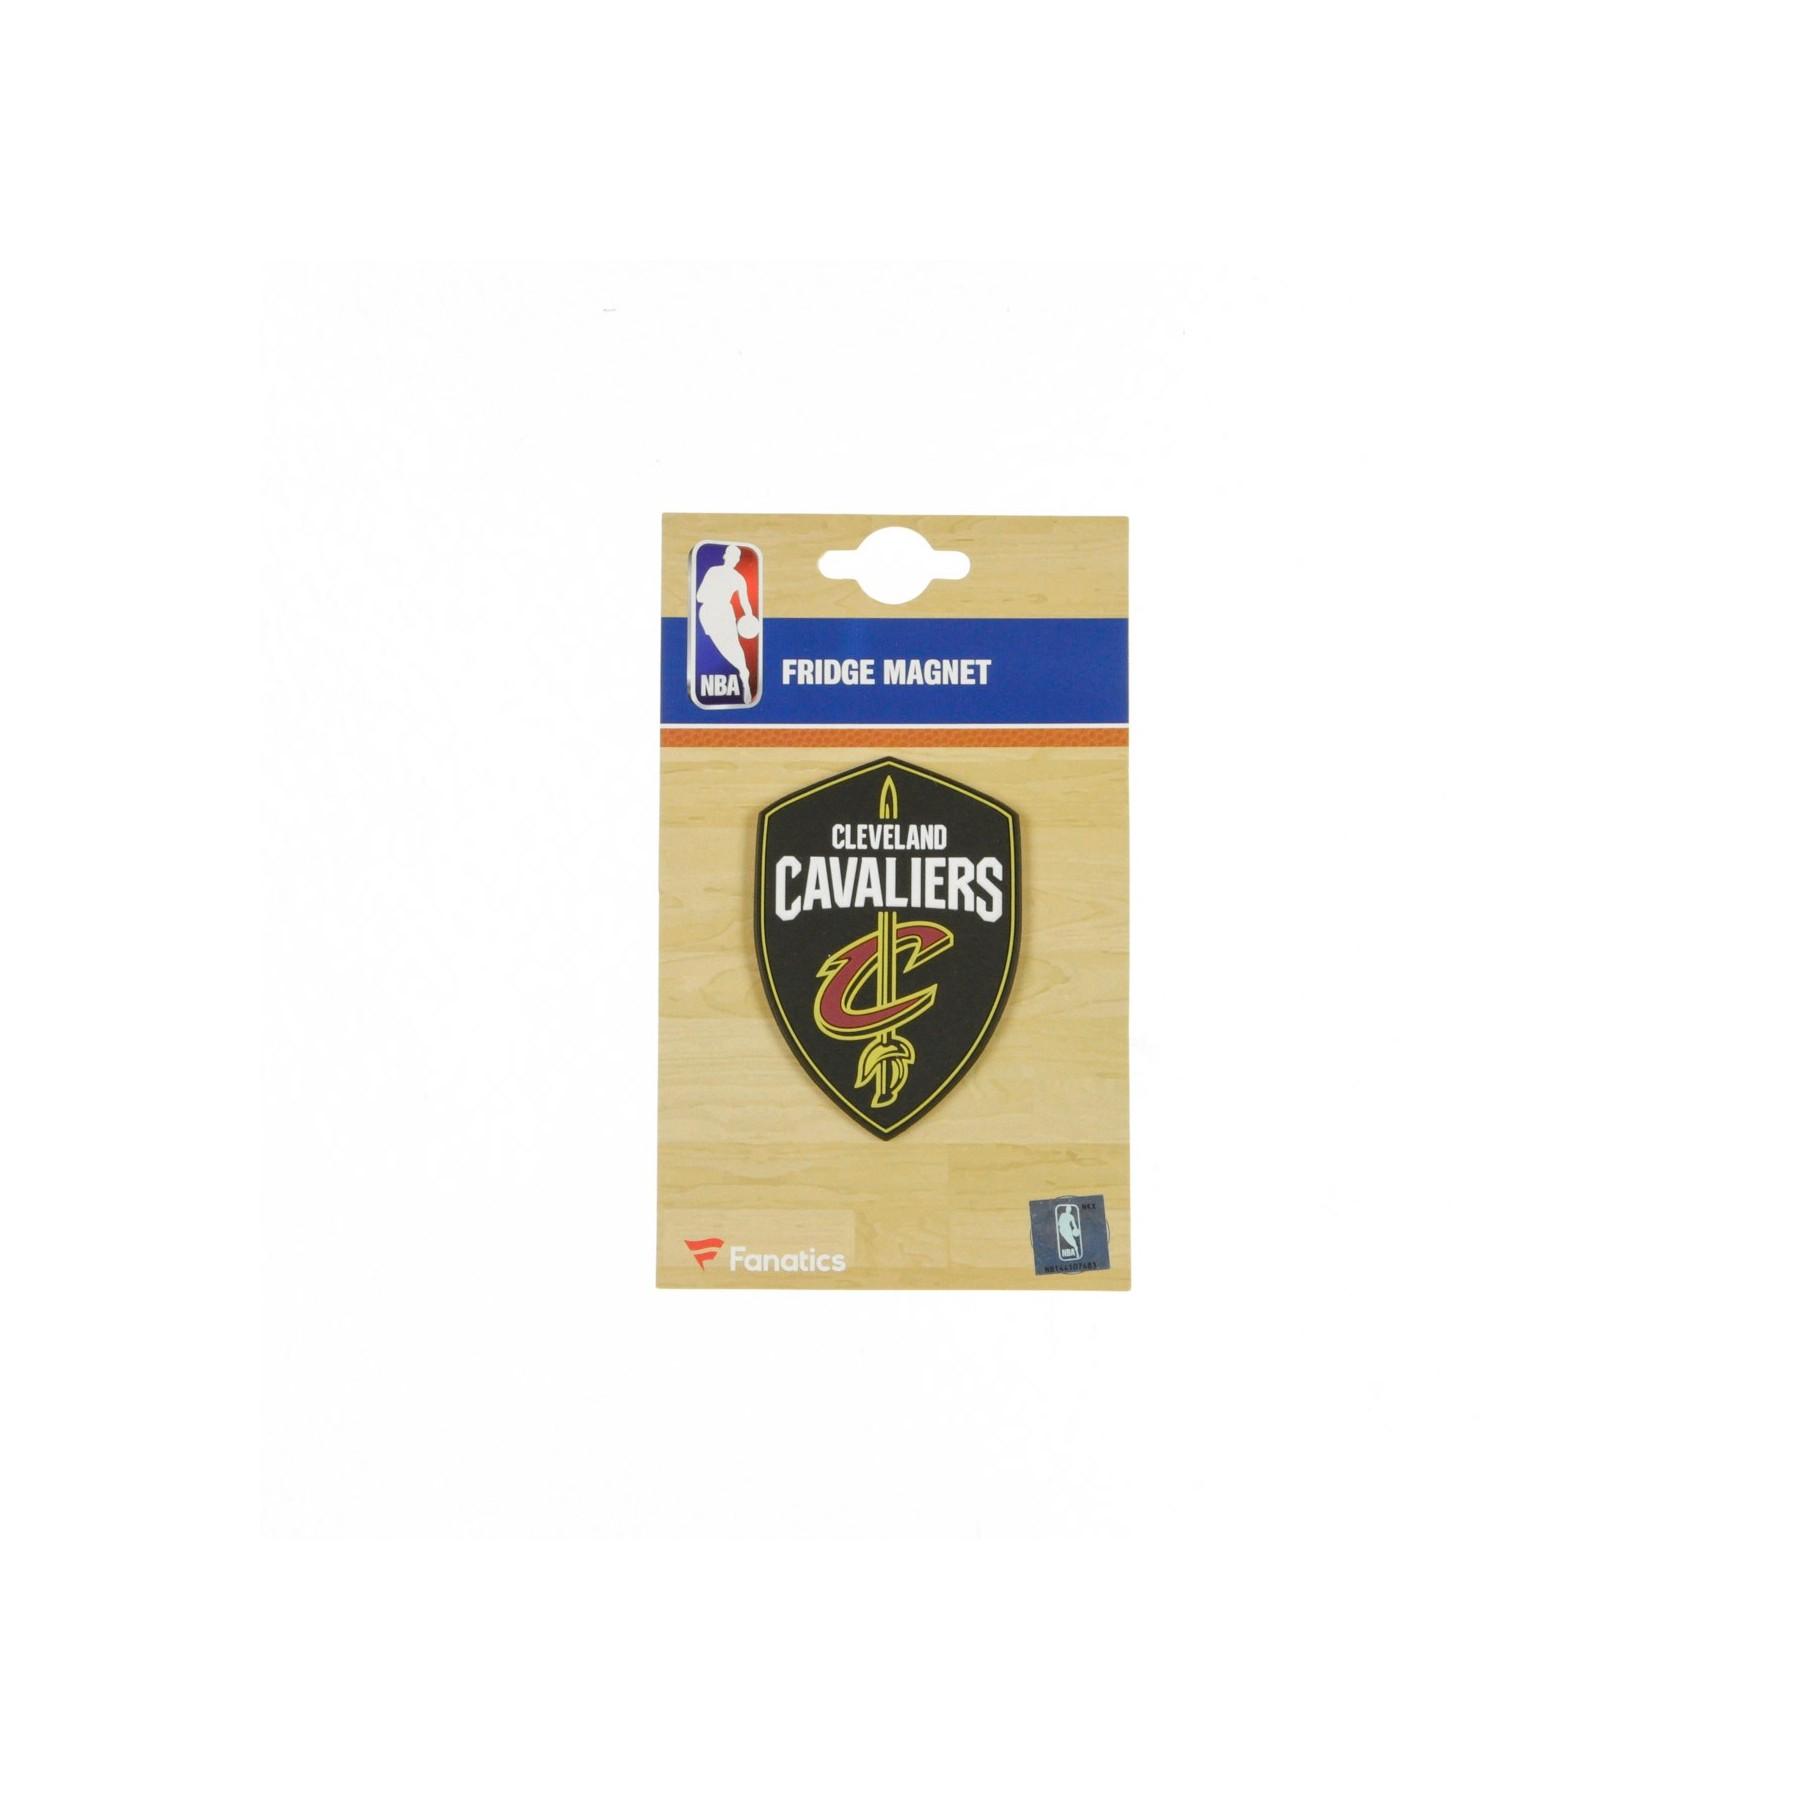 NBA BRANDED RUBBER LOGO MAGNET CLECAV stg